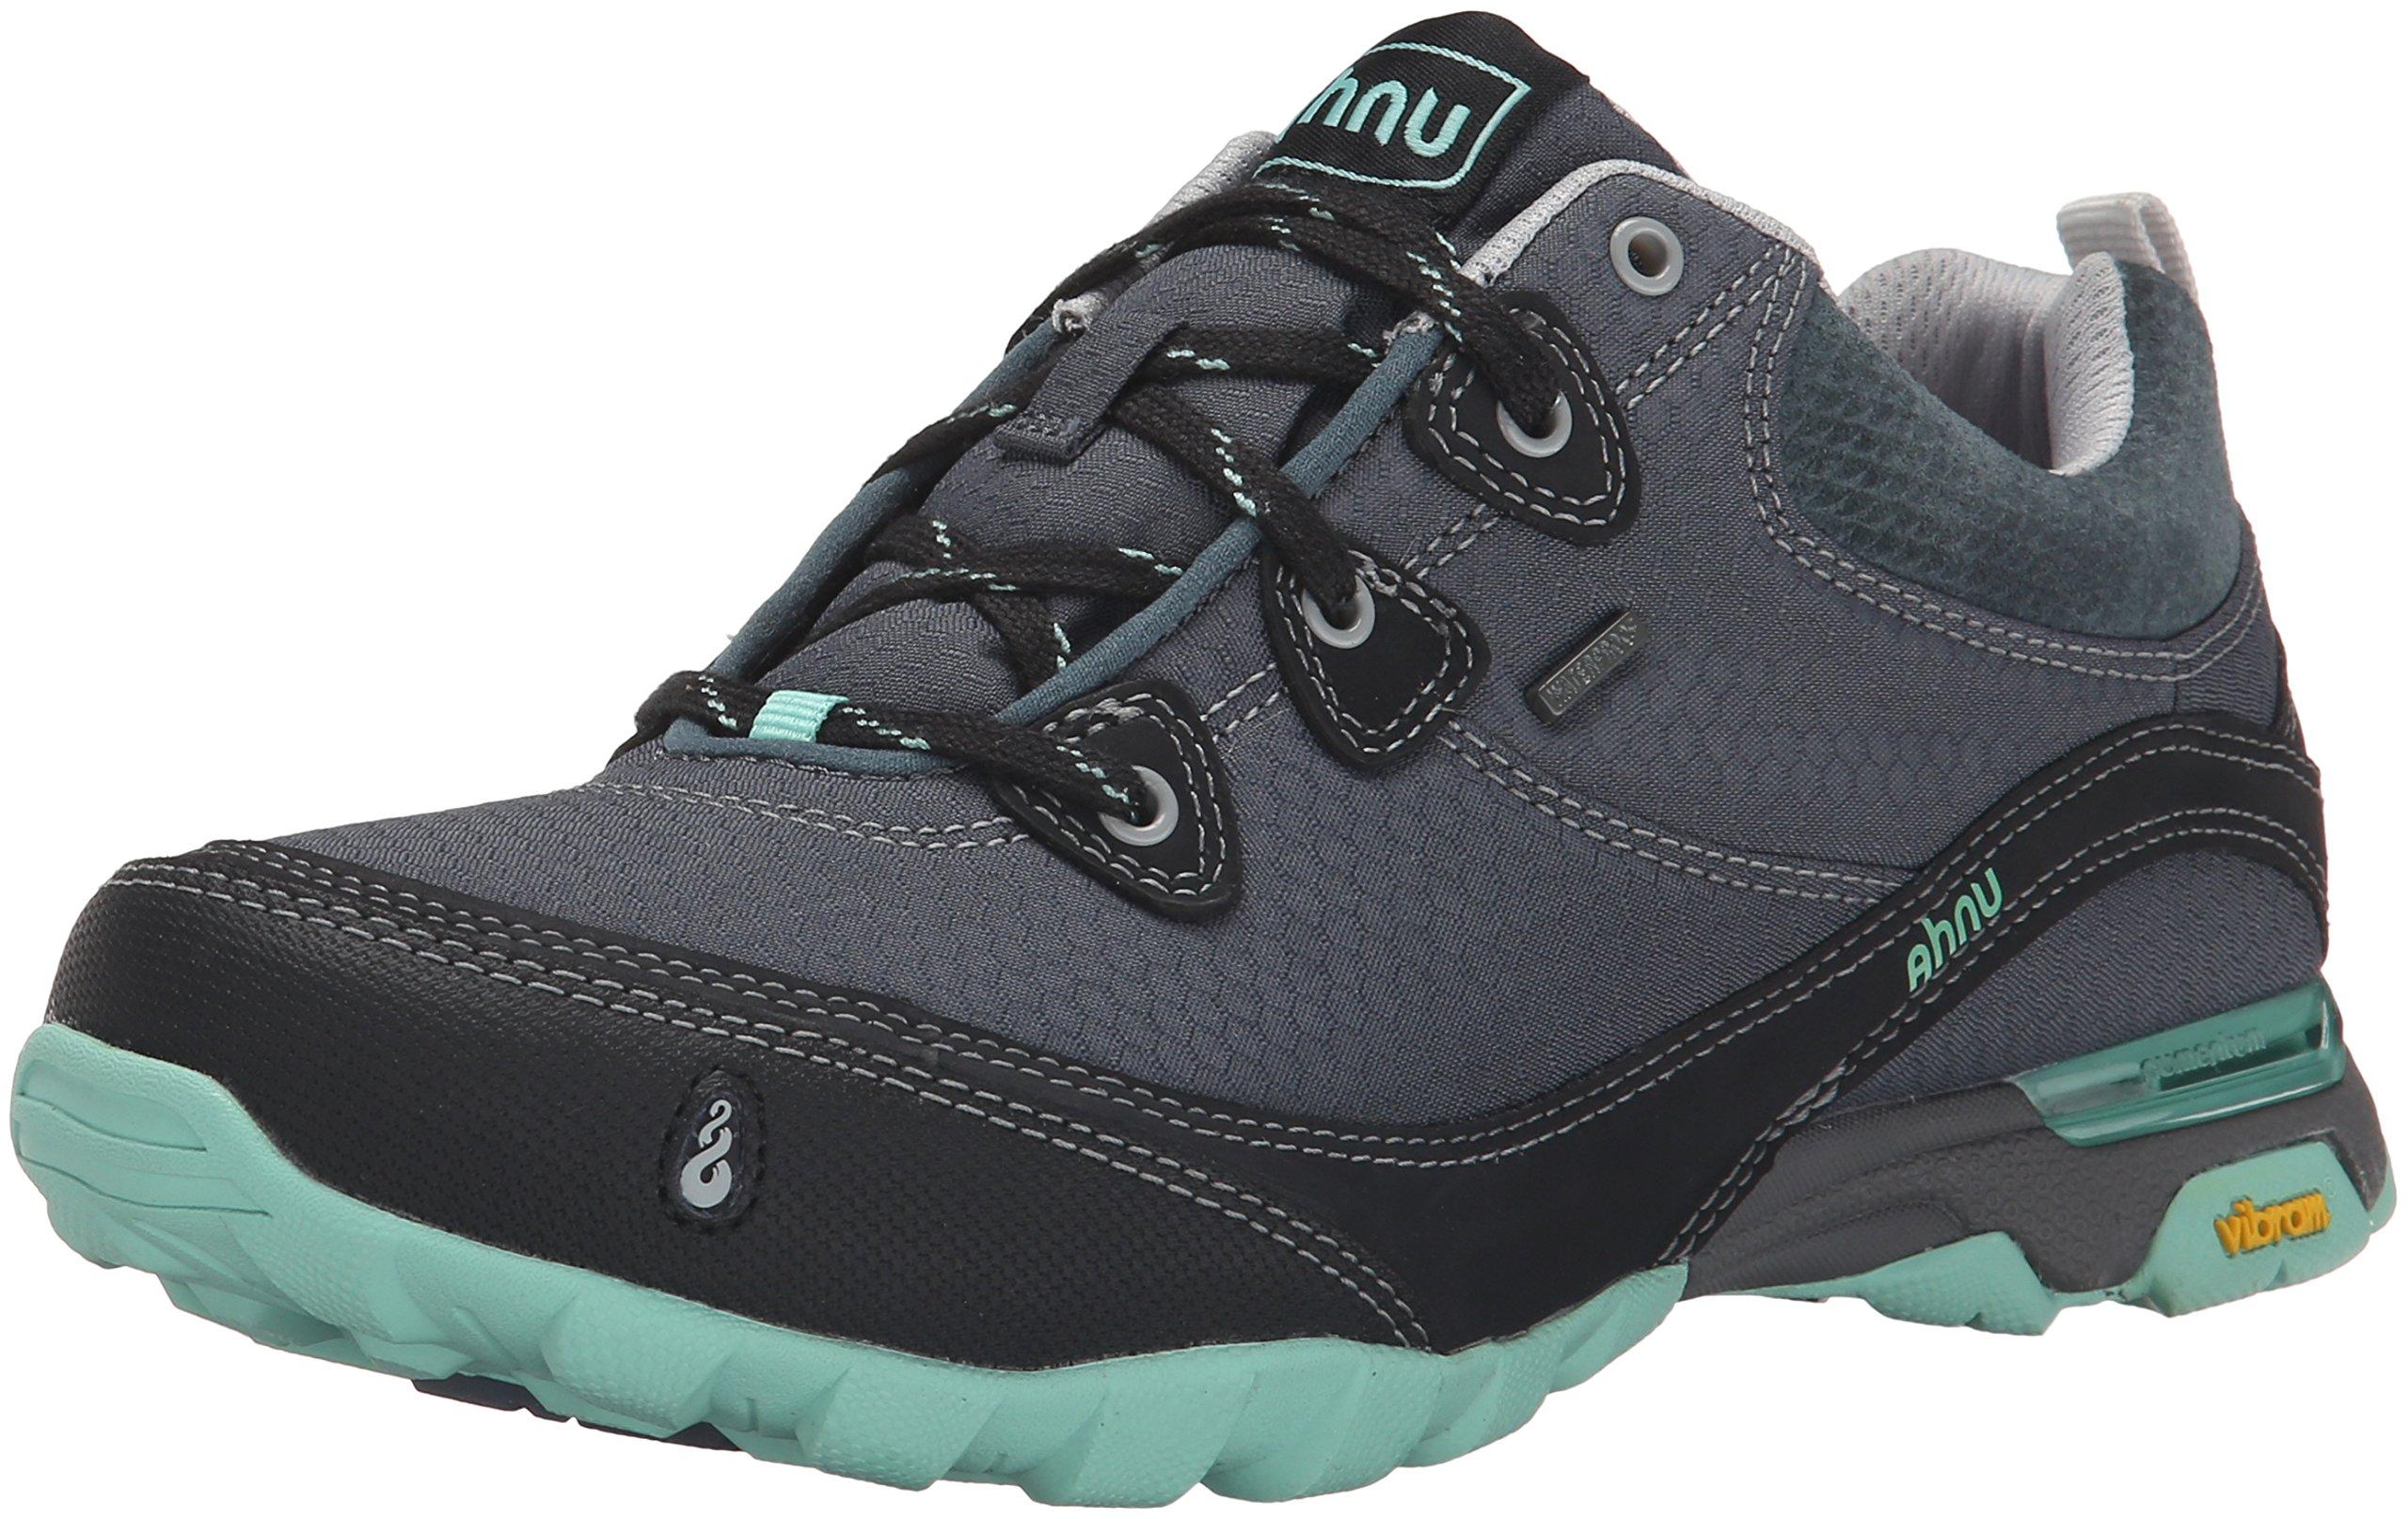 Ahnu Women's AF2421 Sugarpine Water Proof Hiking Boot, Dark Slate, 6.5 B(M) US